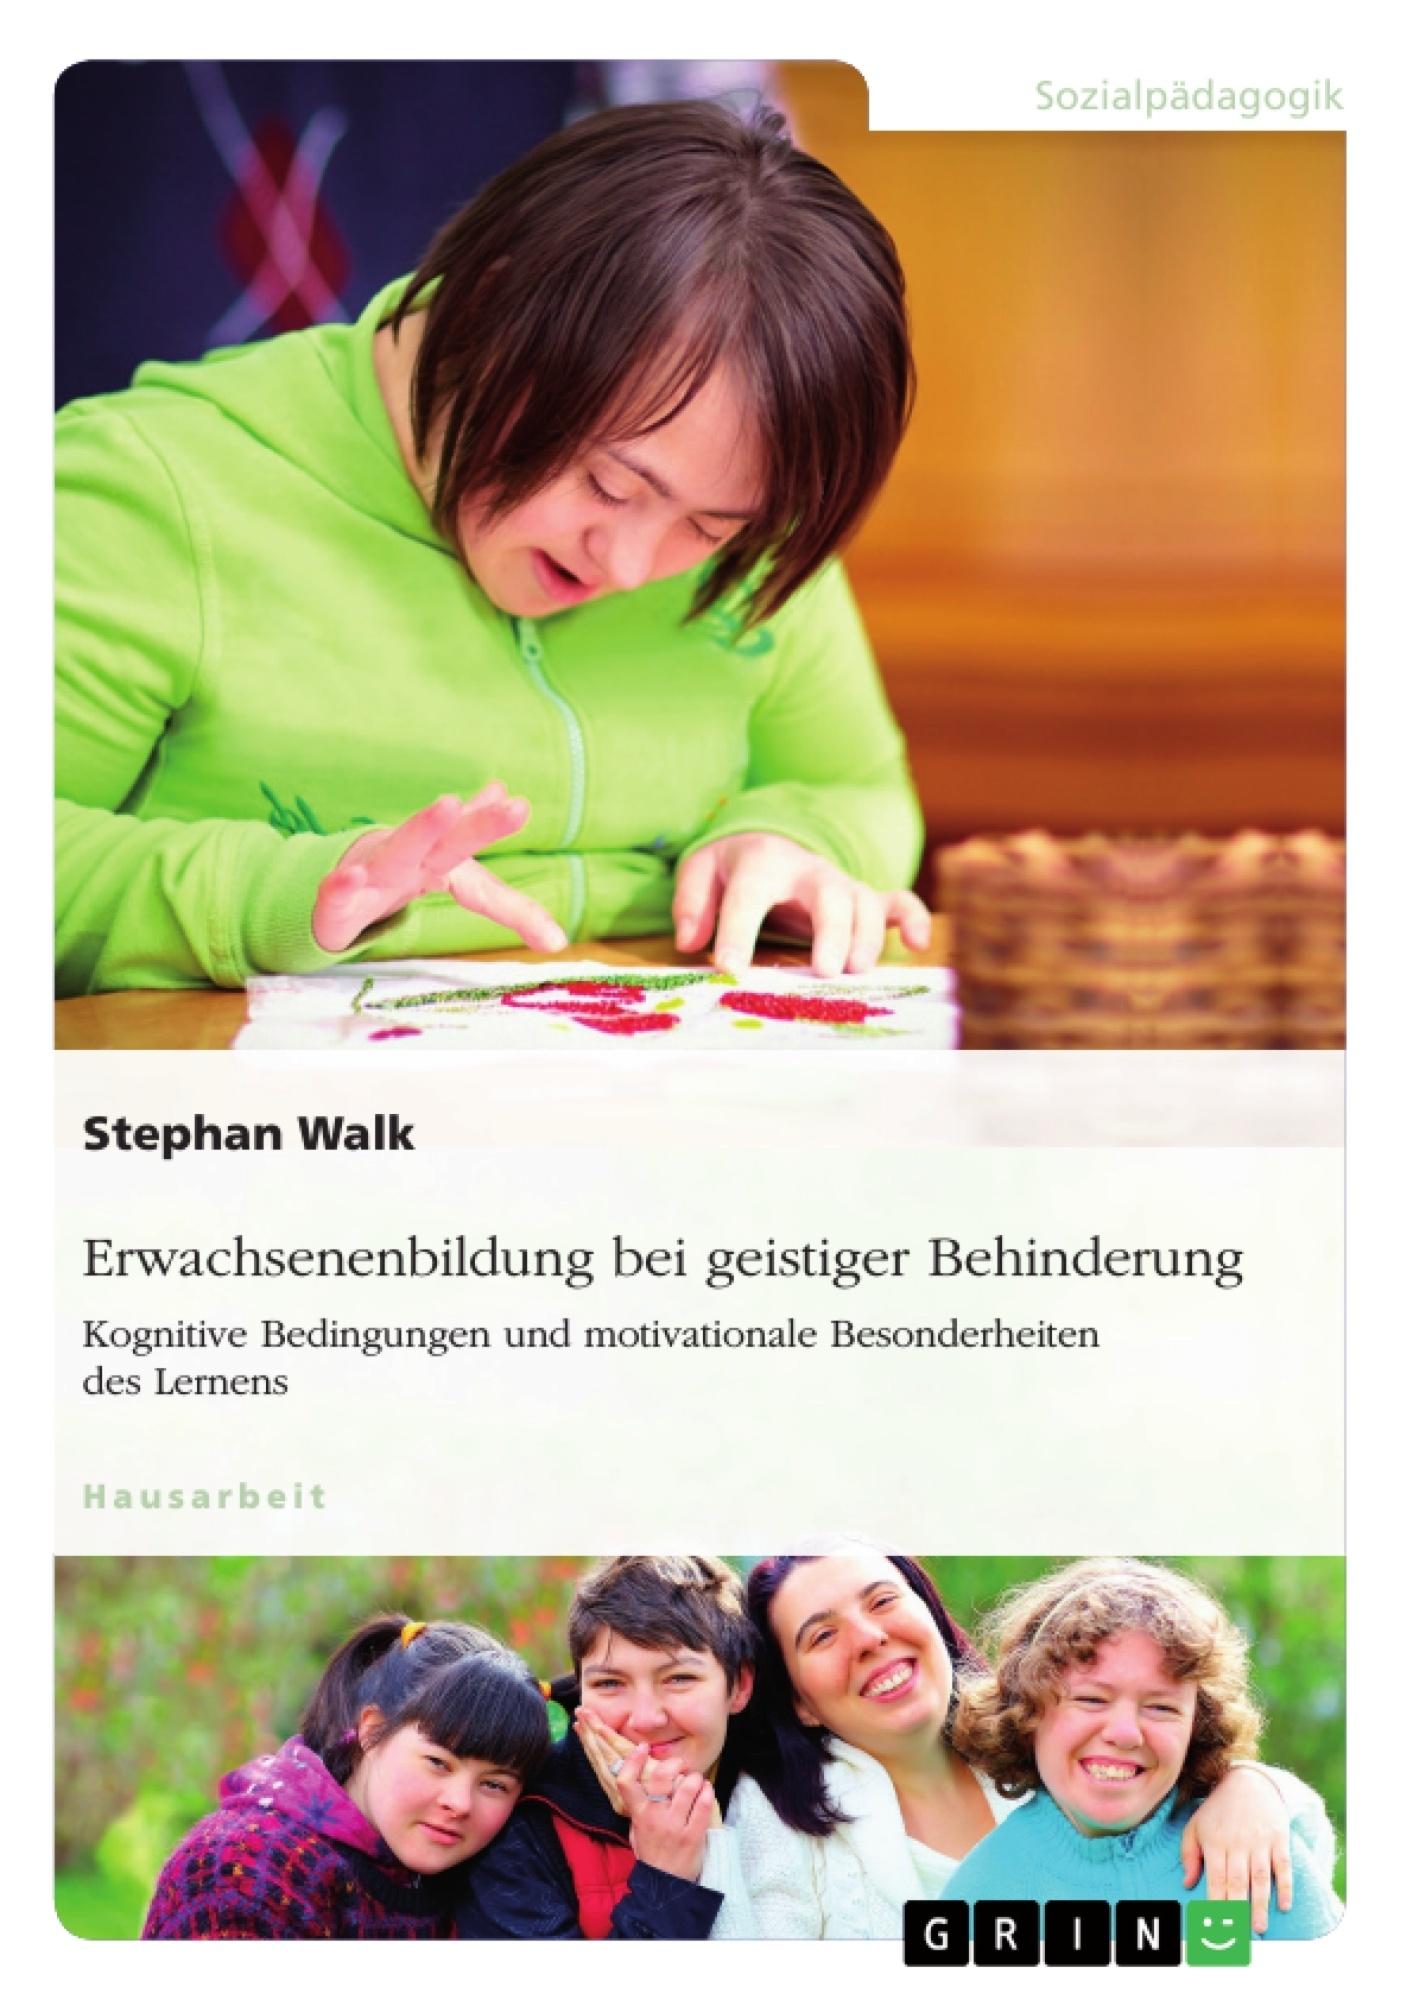 Titel: Erwachsenenbildung bei geistiger Behinderung. Kognitive Bedingungen und motivationale Besonderheiten des Lernens